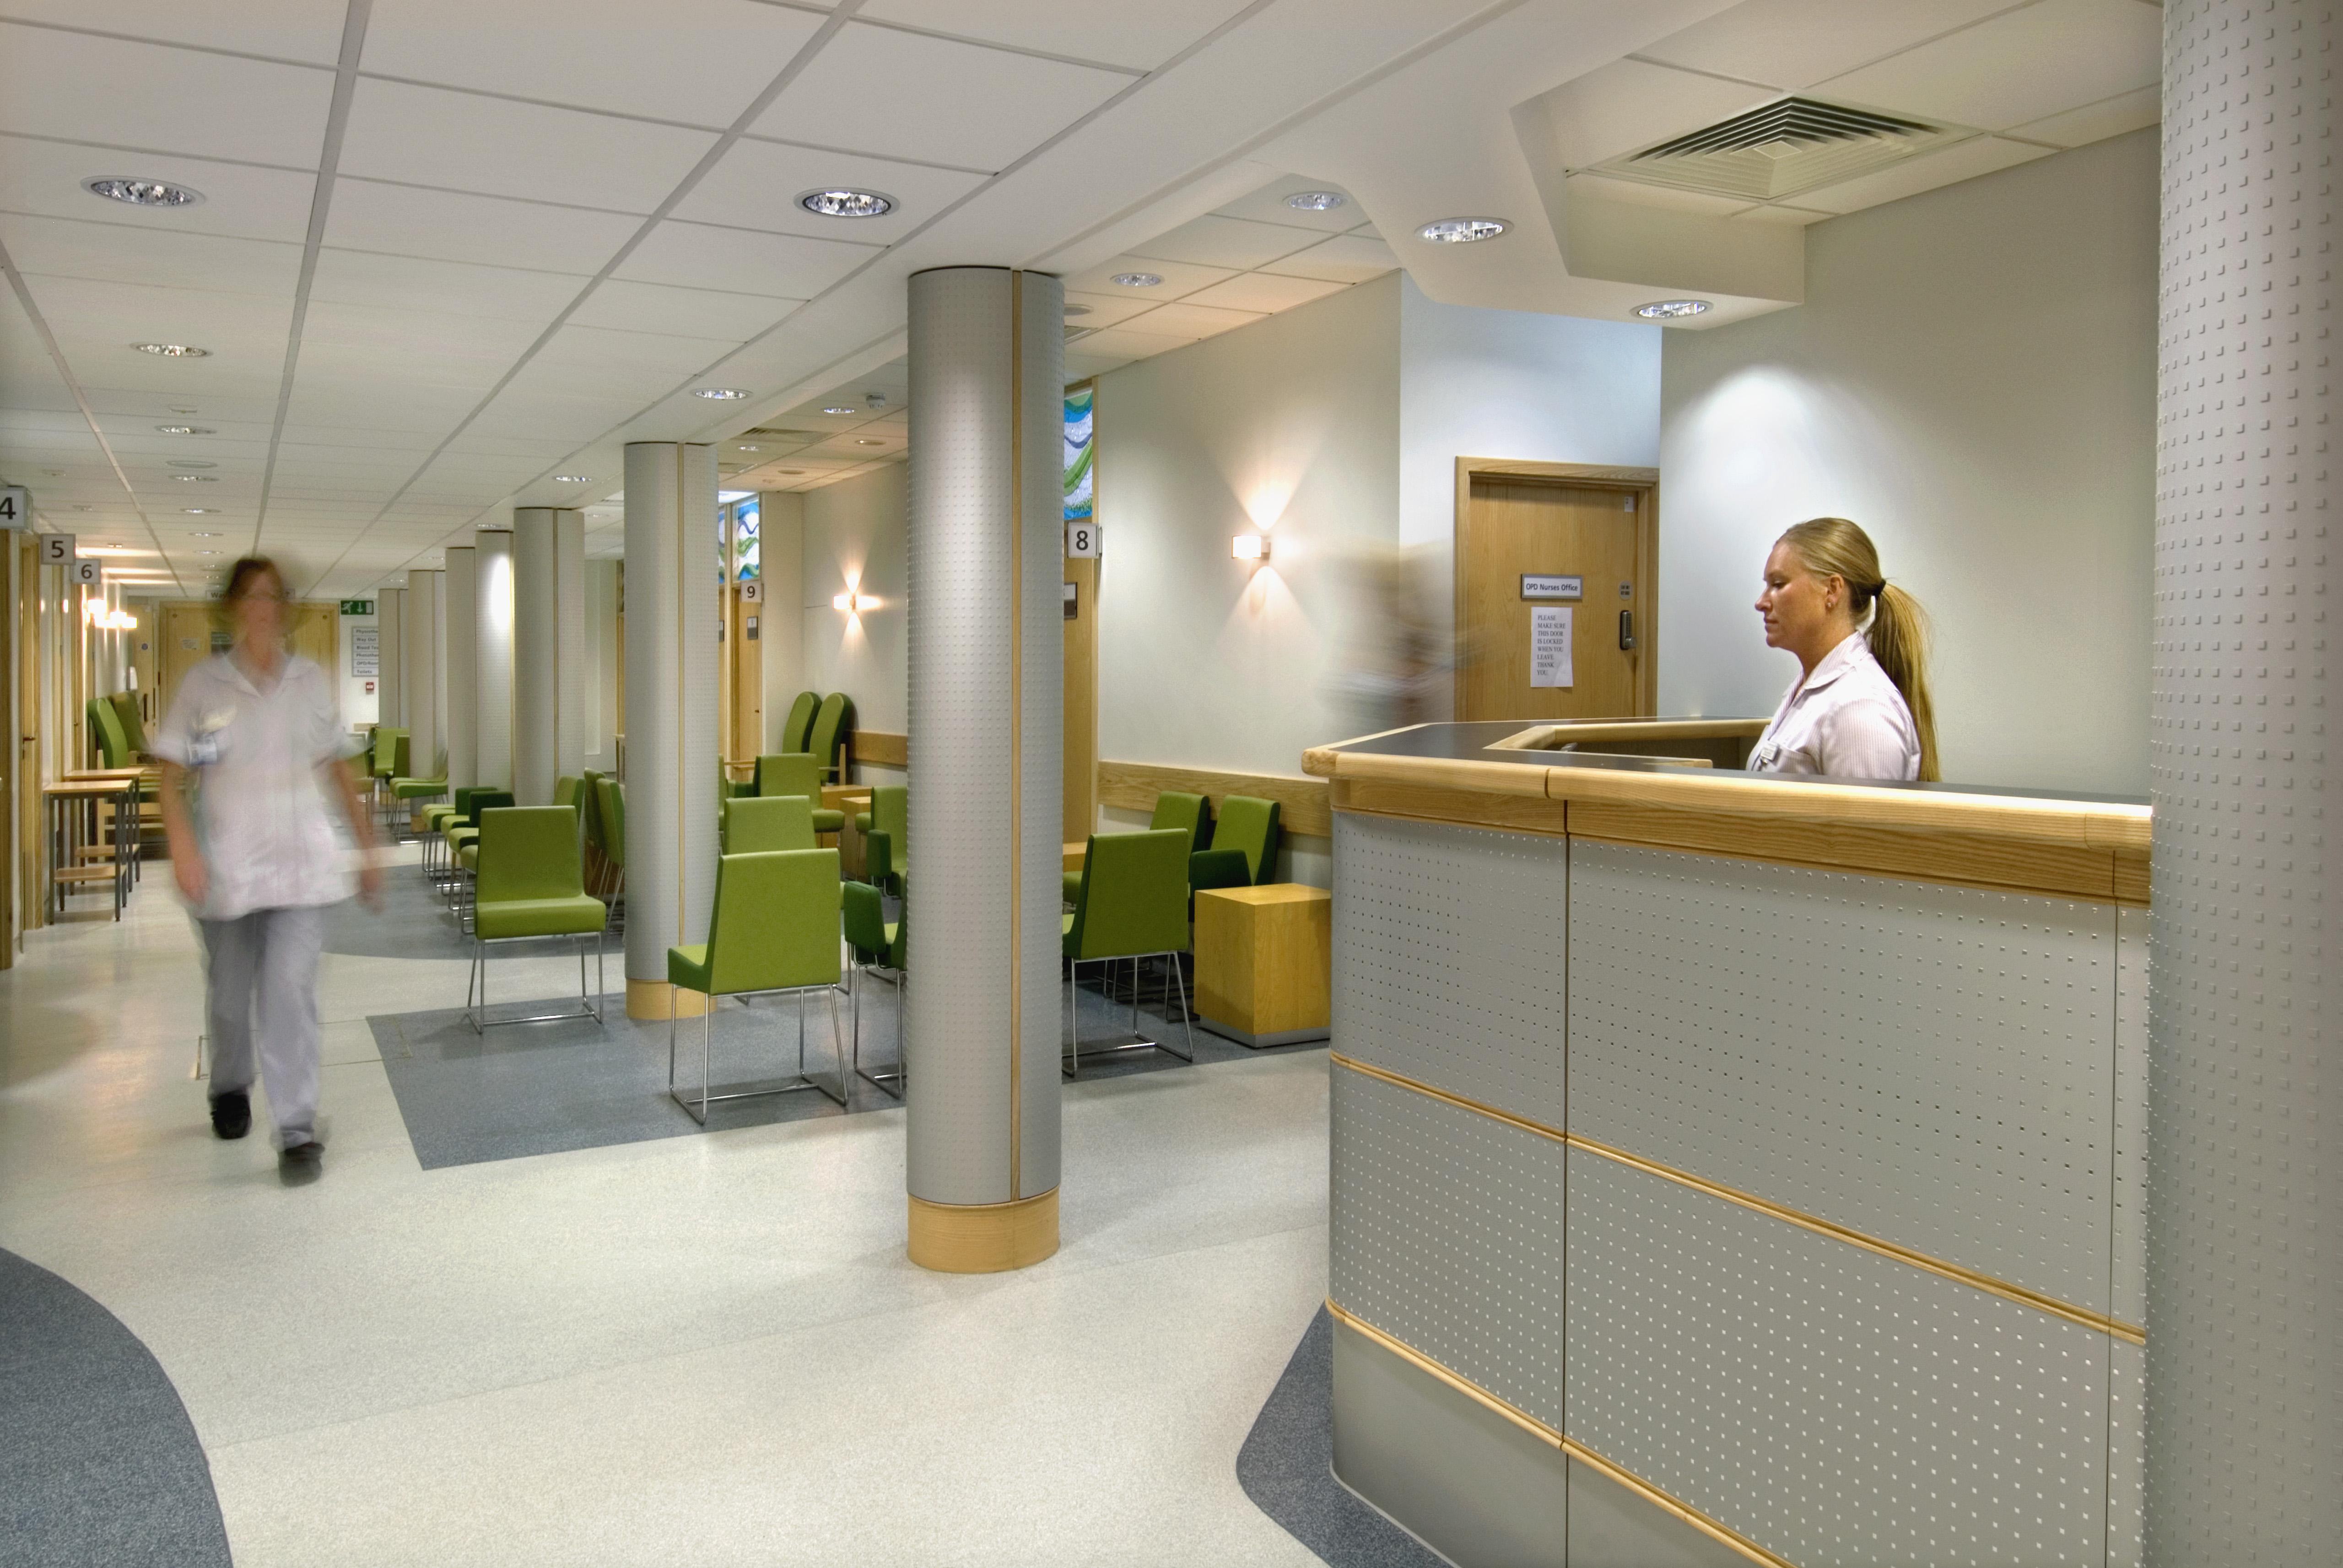 frimley-park-hospital-sept-09-35